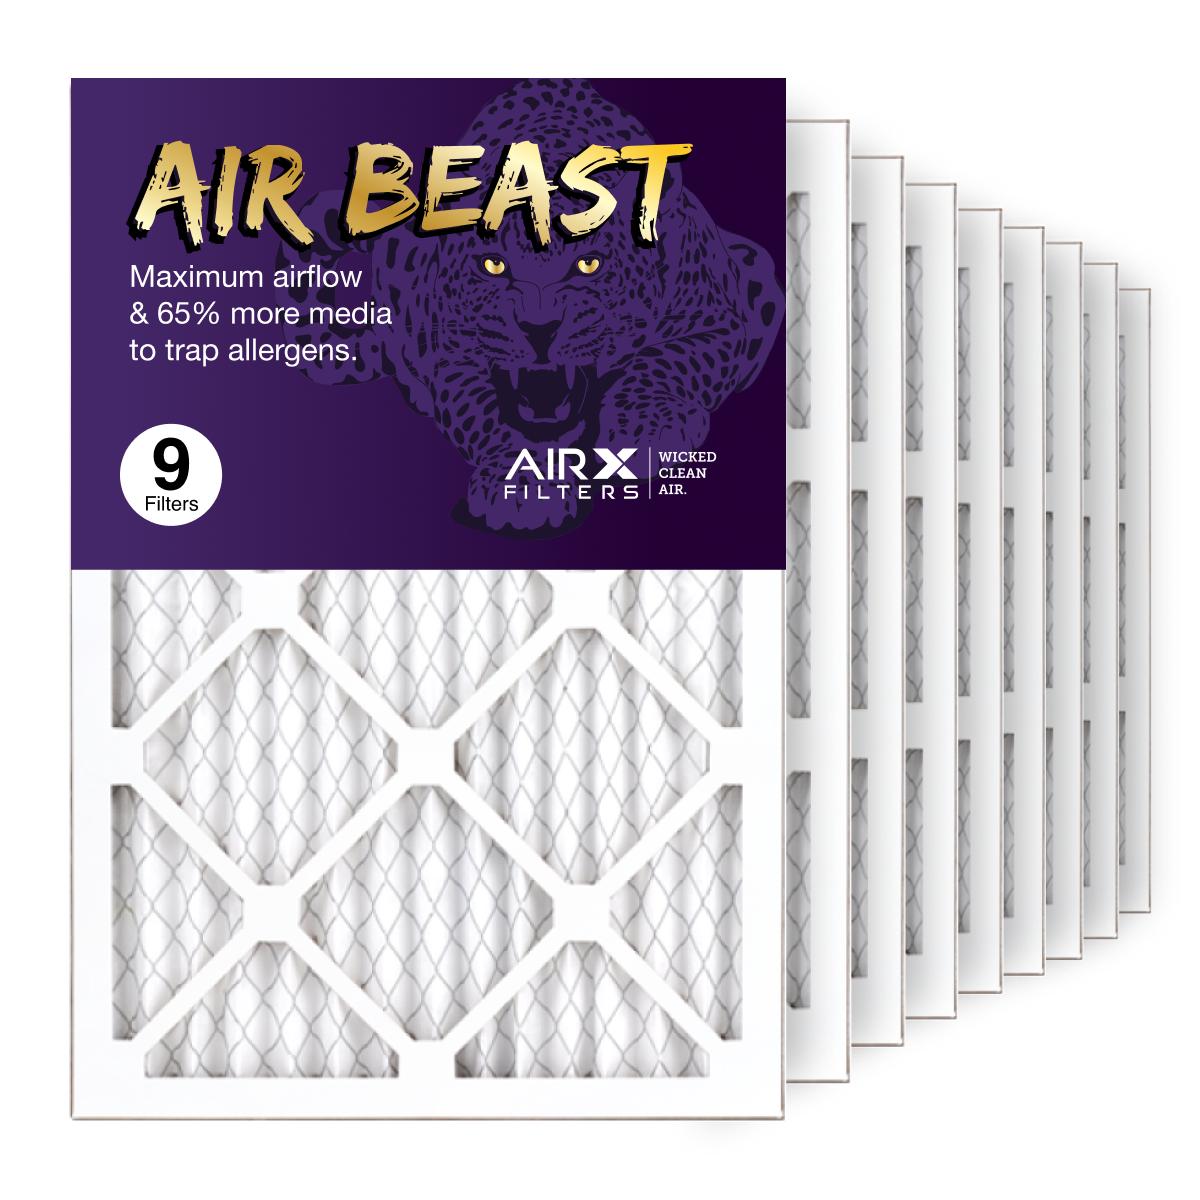 14x20x1 AIRx Air Beast High Flow Air Filter, 9-Pack